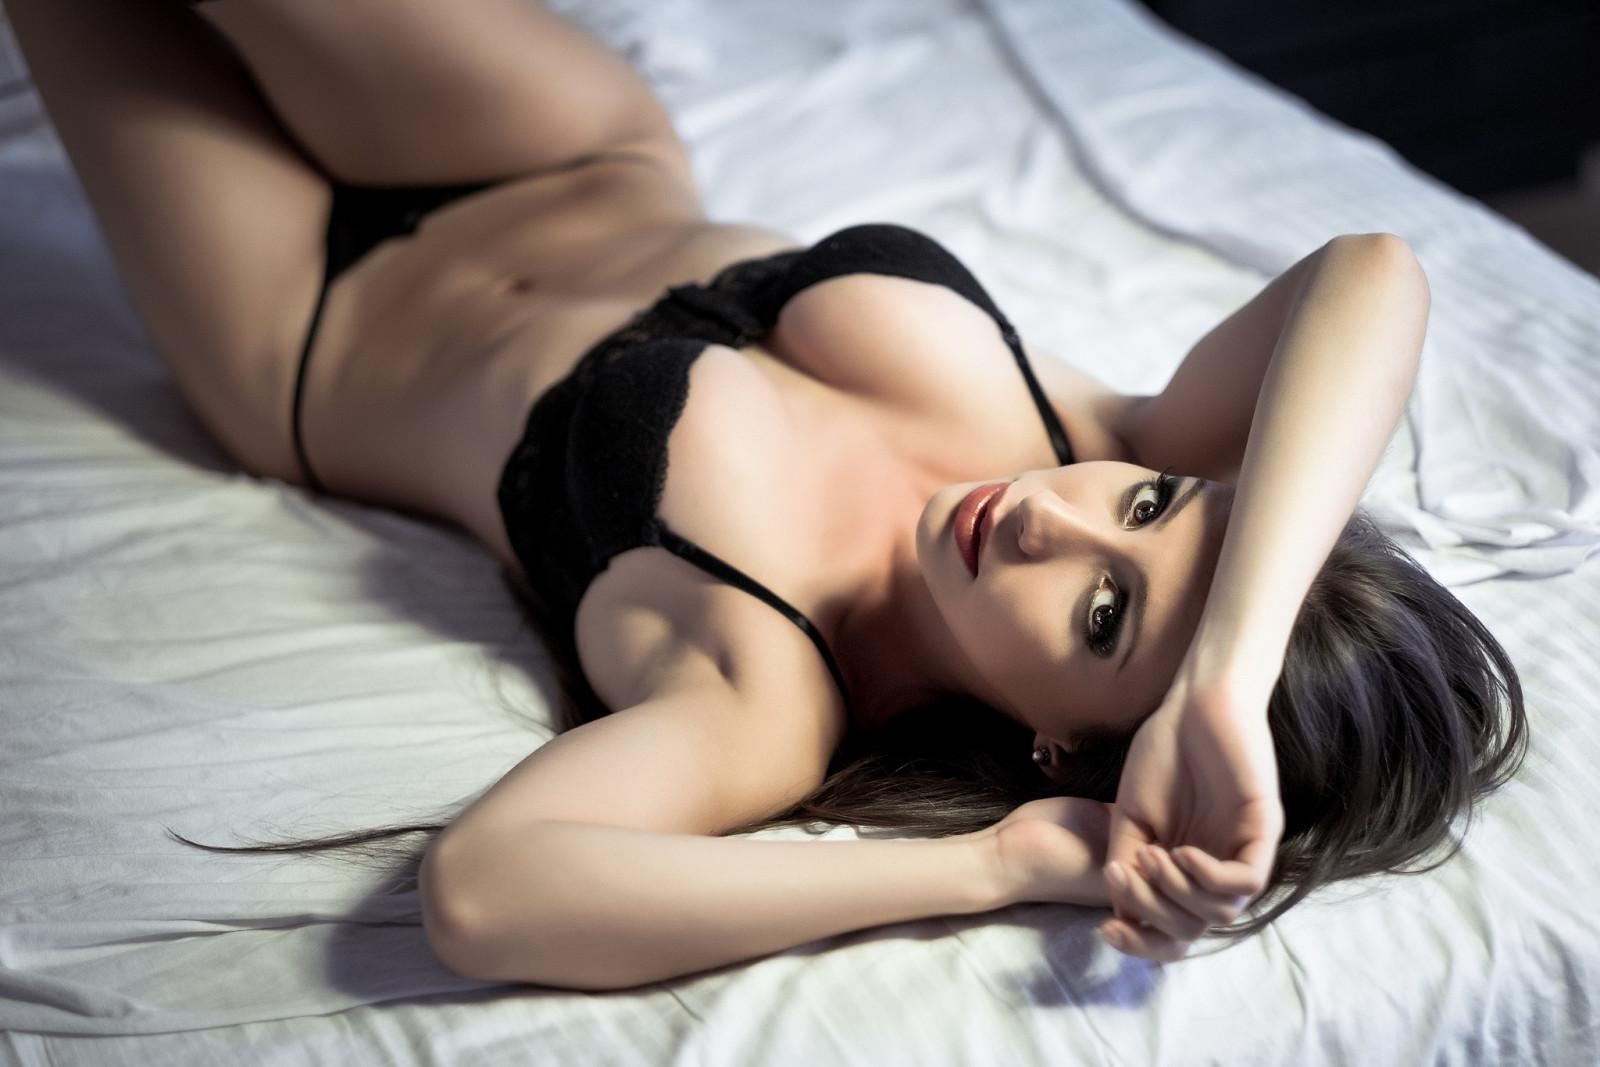 Супер тело голая интим видео первого лица смотреть